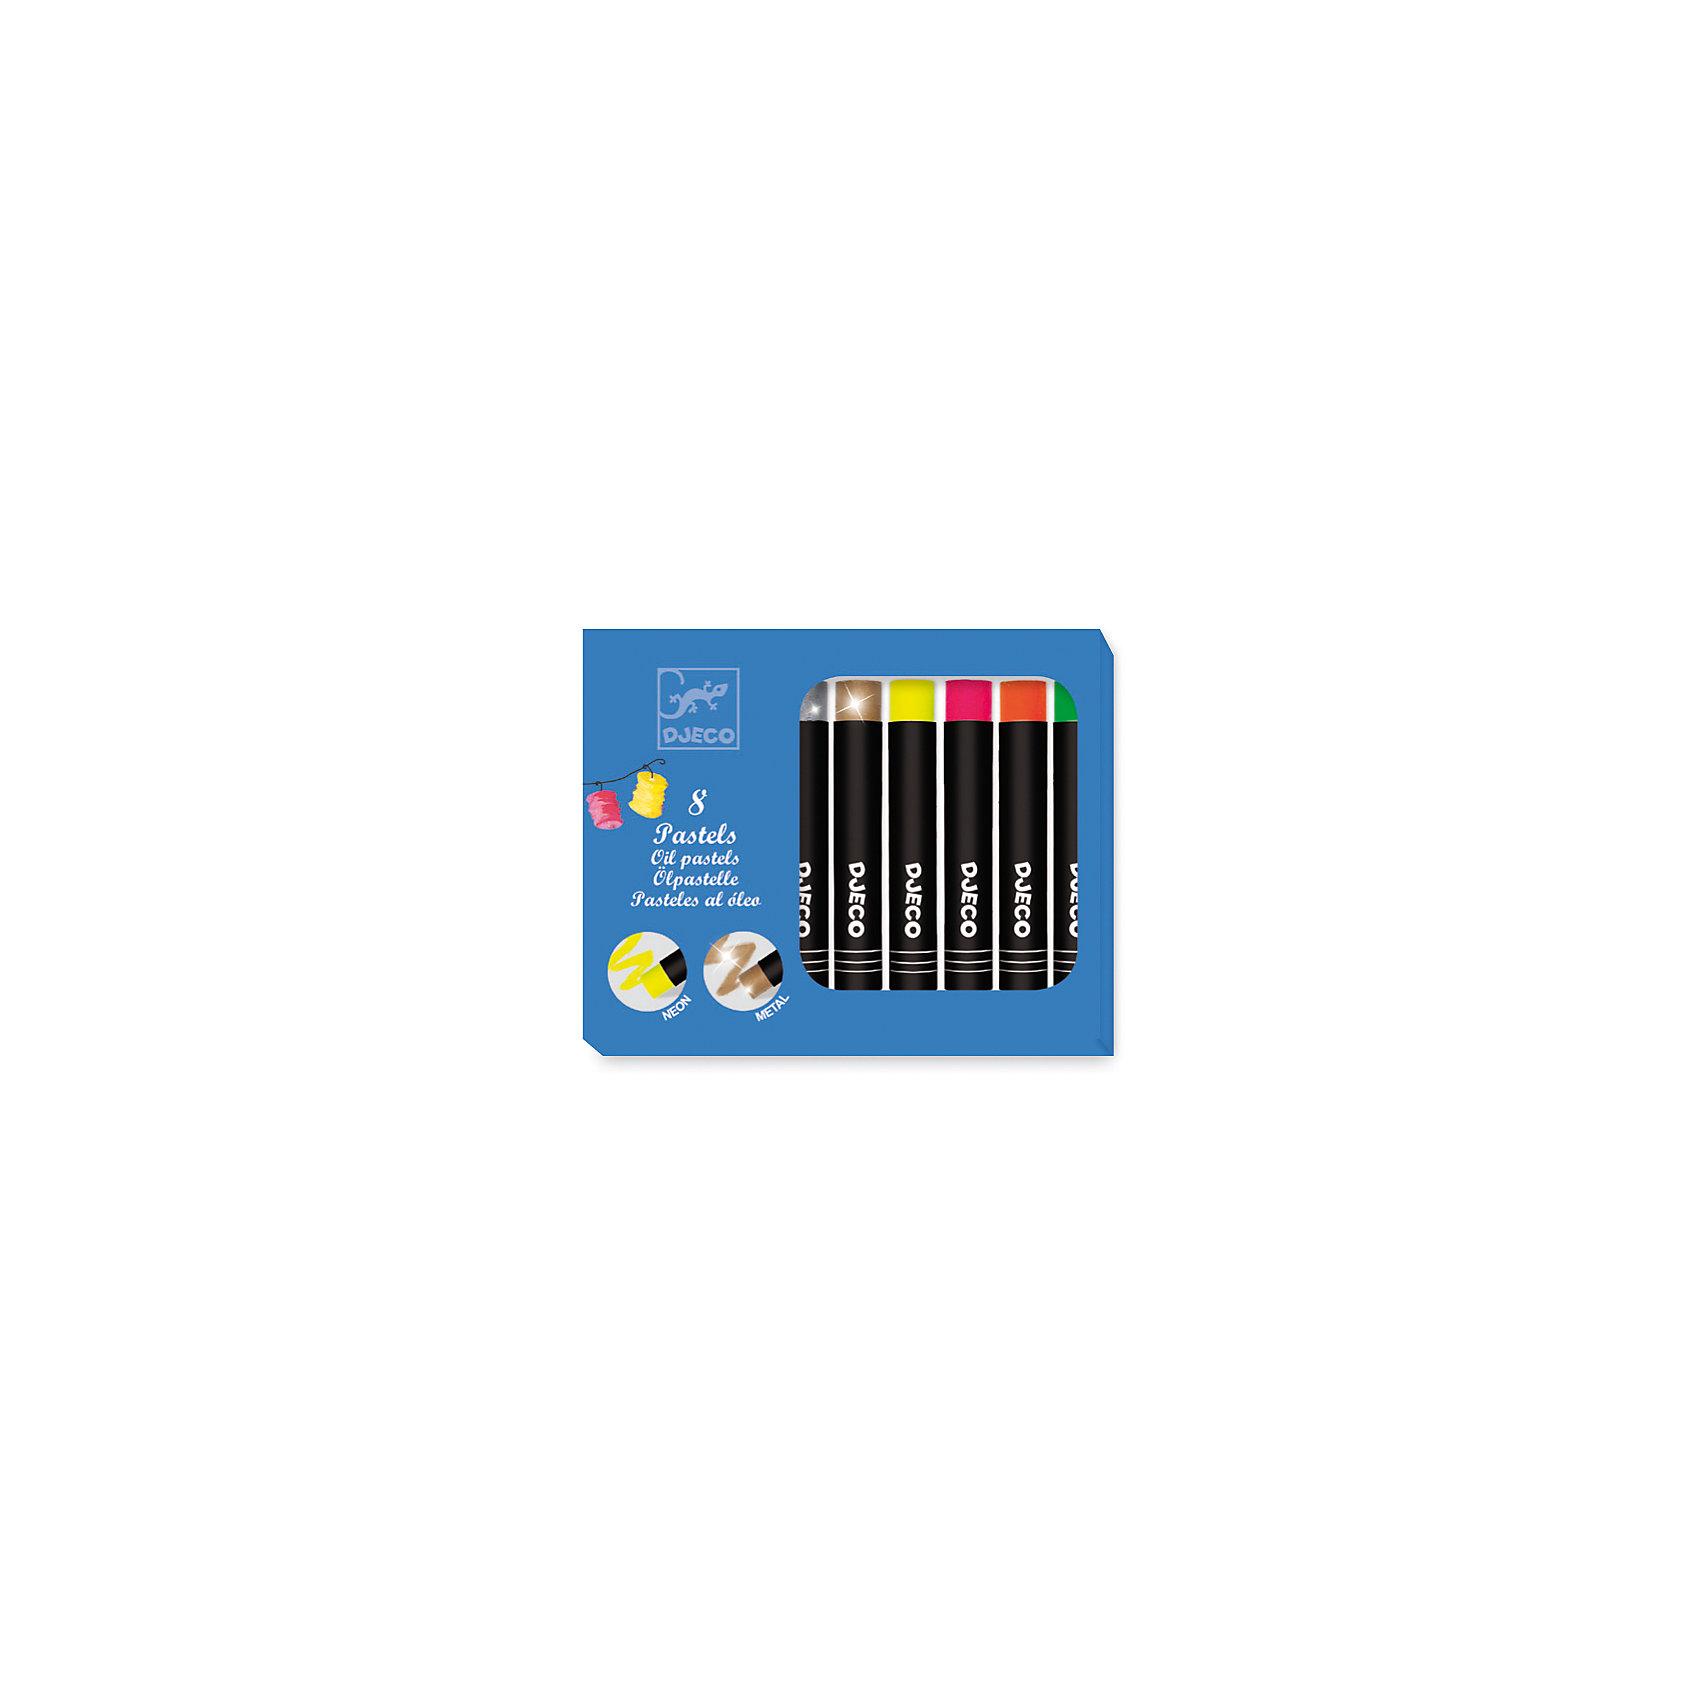 Набор пастельных карандашей, 8 ярких цветов, DJECOРисование<br>Характеристики пастельных карандашей:<br><br>• возраст: от 3 лет<br>• пол: универсальный<br>• тип: карандаши<br>• материал: пластик<br>• размер упаковки: 16.5 х 9.5 х 1.5 см.<br>• упаковка: картонная коробка.<br>• бренд: Djeco<br>• страна обладатель бренда: Франция.<br><br>Набор пастельных карандашей откроют для вашего ребенка яркий мир изобразительного искусства. Товары фирмы Djeco отличаются оригинальным дизайном, функциональностью и качеством материалов. В комплекте 12 пластиковых футляров с гелиевой пастелью ярких цветов в розовой коробочке. <br><br>Пастельные карандаши легко наносятся на бумагу, создавая гладкие мягкие линии, смешав цвета, можно получить новый оттенок. Благодаря пластиковому футляру с закручивающейся крышечкой, дети не будут пачкать руки. Маленькие художники в полной мере смогут проявить свою фантазию и креативность. Рисование развивает мелкую моторику рук, усидчивость и воображение.<br><br>Набор пастельных карандашей от торговой марки Djeco (Джеко) можно купить в нашем интернет-магазине.<br><br>Ширина мм: 120<br>Глубина мм: 95<br>Высота мм: 150<br>Вес г: 230<br>Возраст от месяцев: 72<br>Возраст до месяцев: 2147483647<br>Пол: Унисекс<br>Возраст: Детский<br>SKU: 5448829